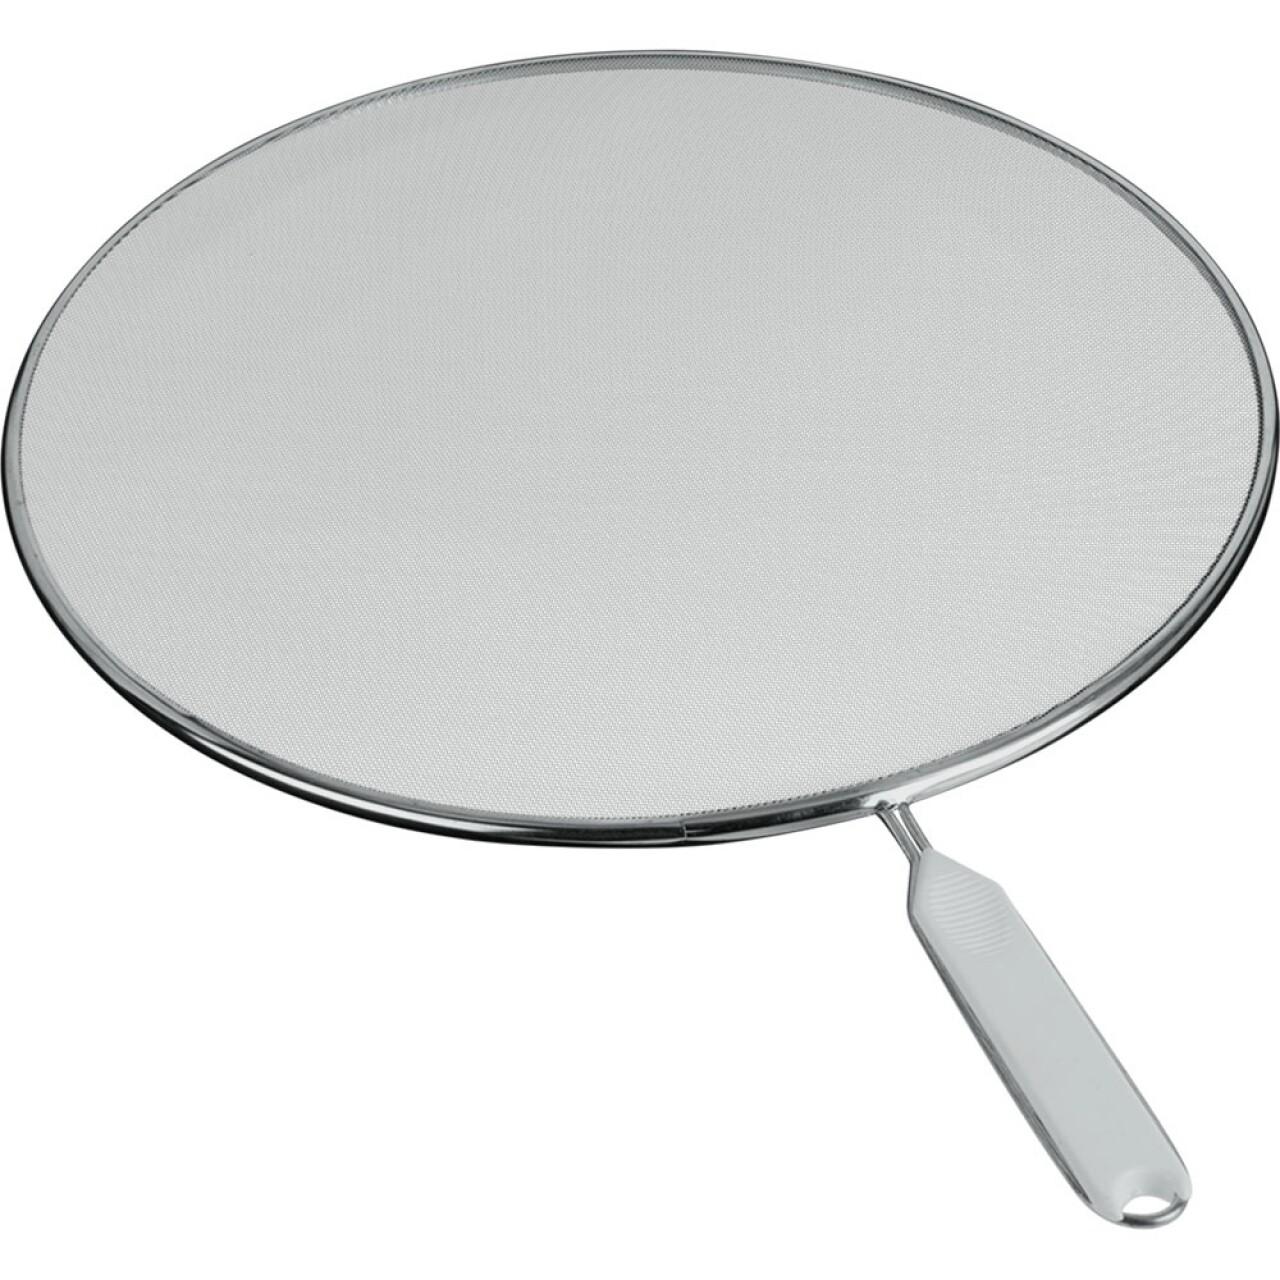 Sita antistropire, Metaltex, aluminiu/plastic, 33 cm, argintiu